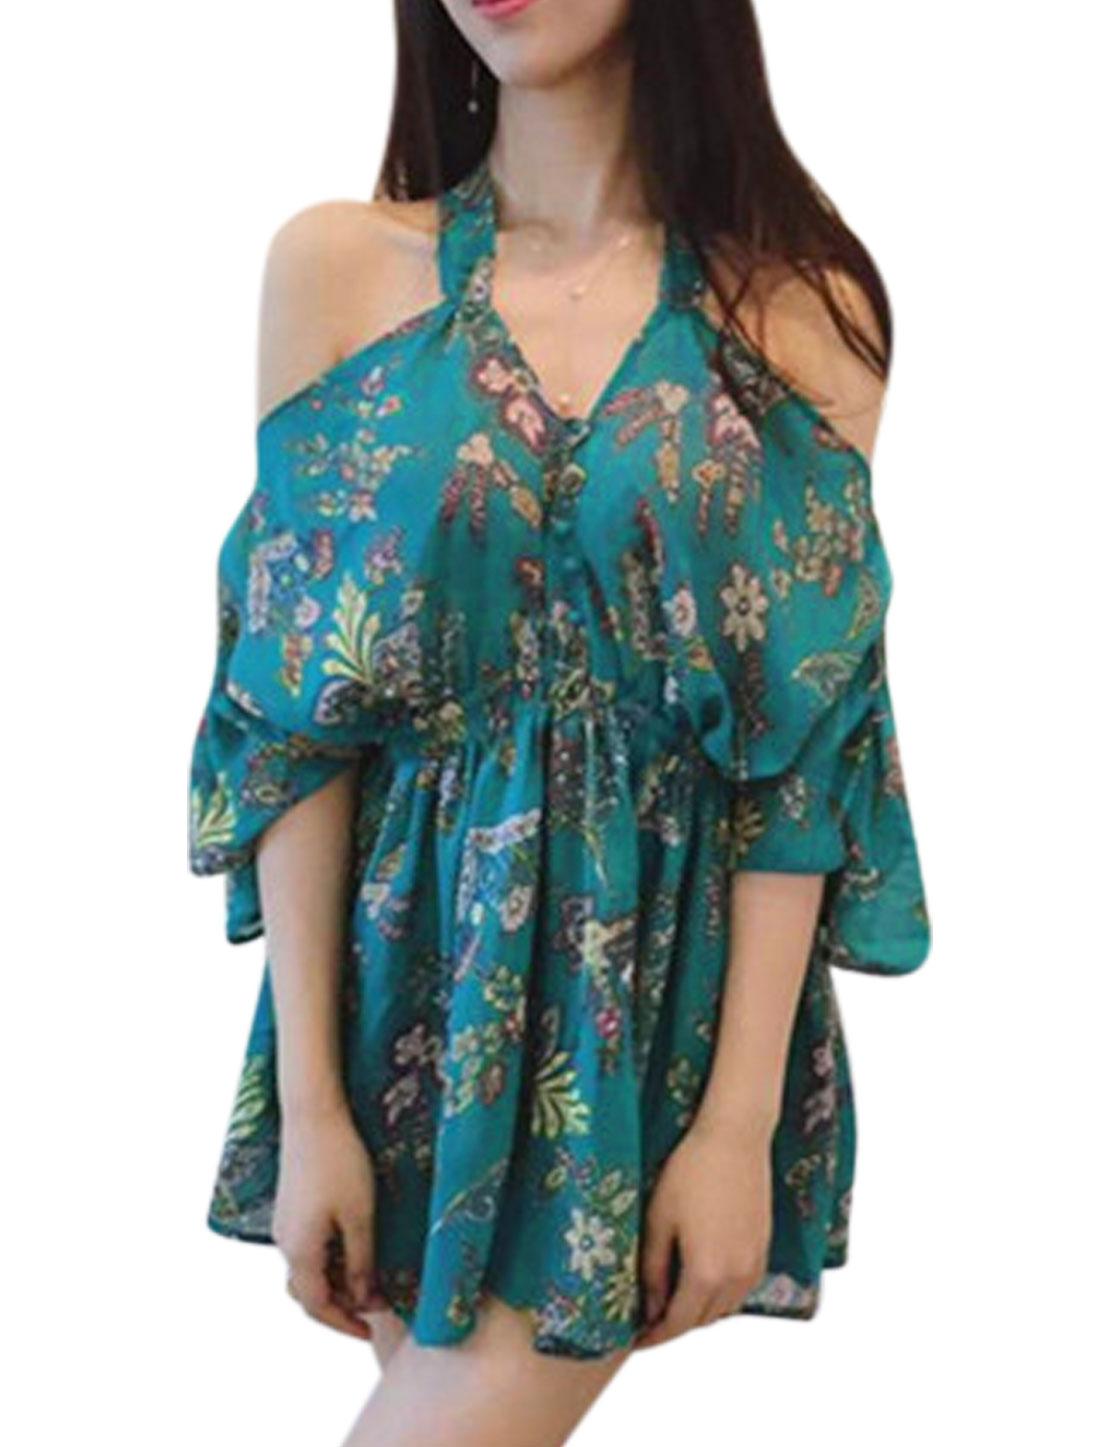 Women V Neck Floral Prints Cold Shoulder Buttons Decor A Line Dress Turquoise XS